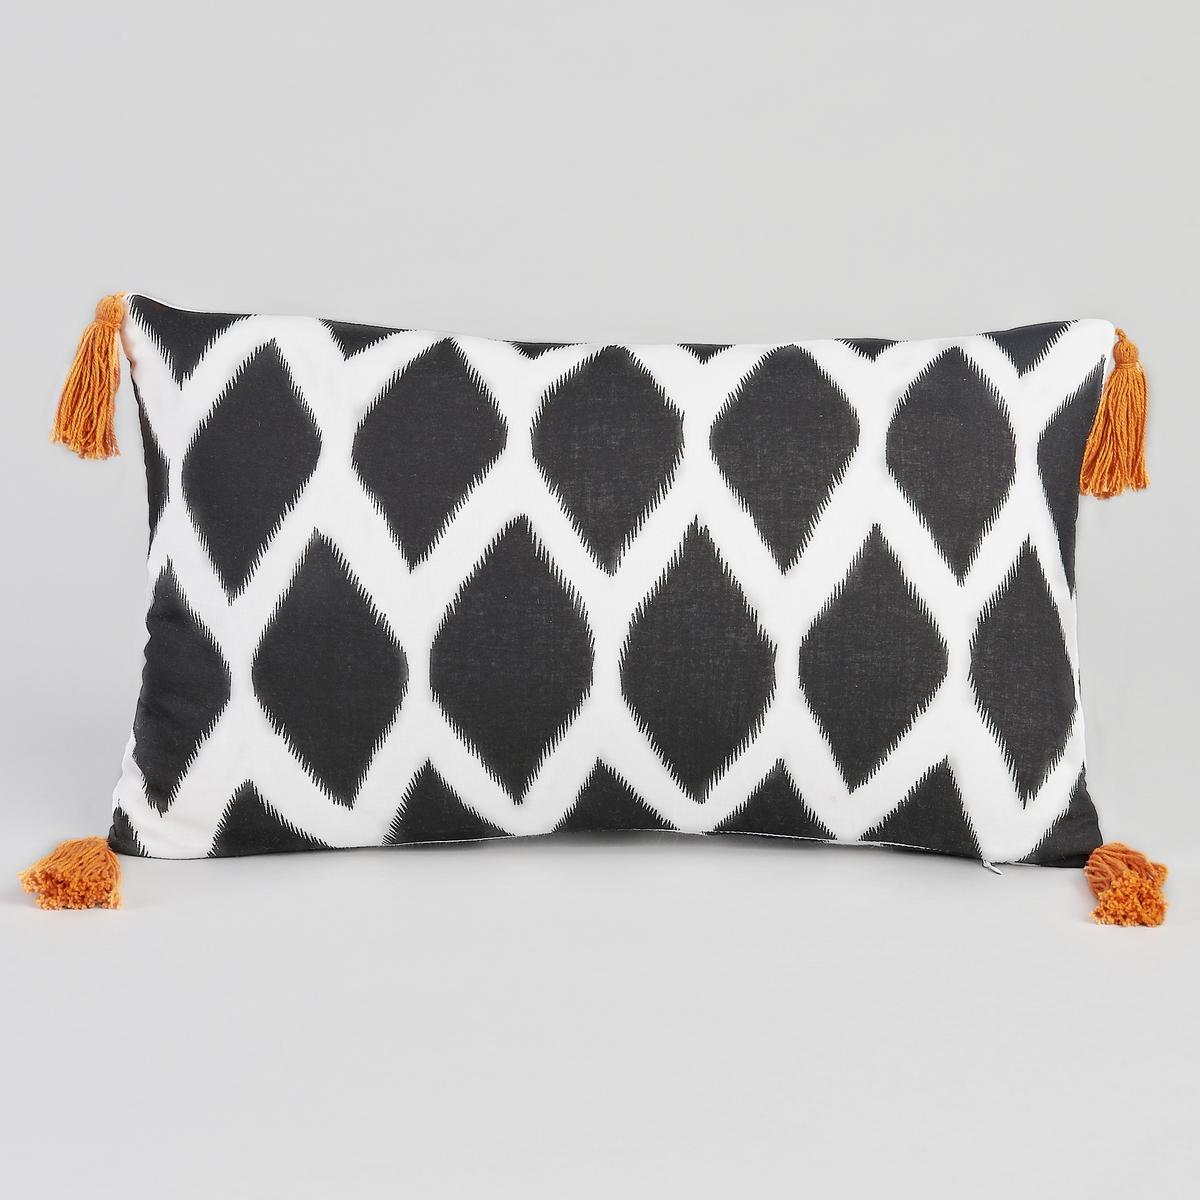 Чехол для подушки ZafiХарактеристики :- 100% хлопковая вуаль, застежка на молнию.- Отделка оранжевыми помпонами. Размеры :- 50 x 30см.<br><br>Цвет: набивной рисунок